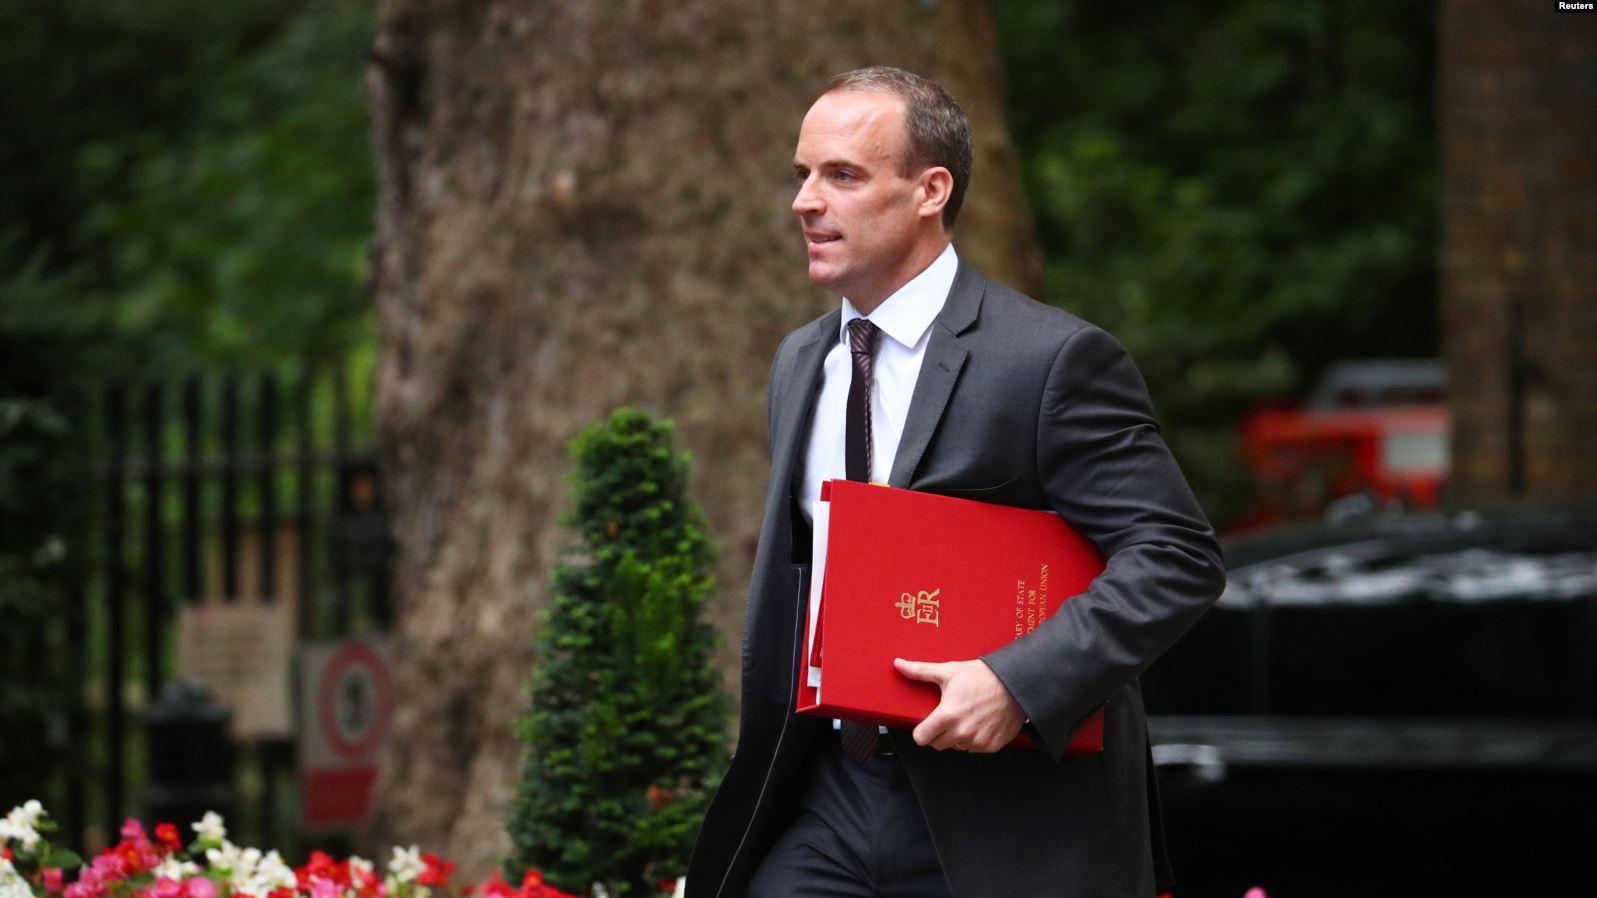 وزیر خارجه بریتانیا: خبری از معامله نفتکشها نیست